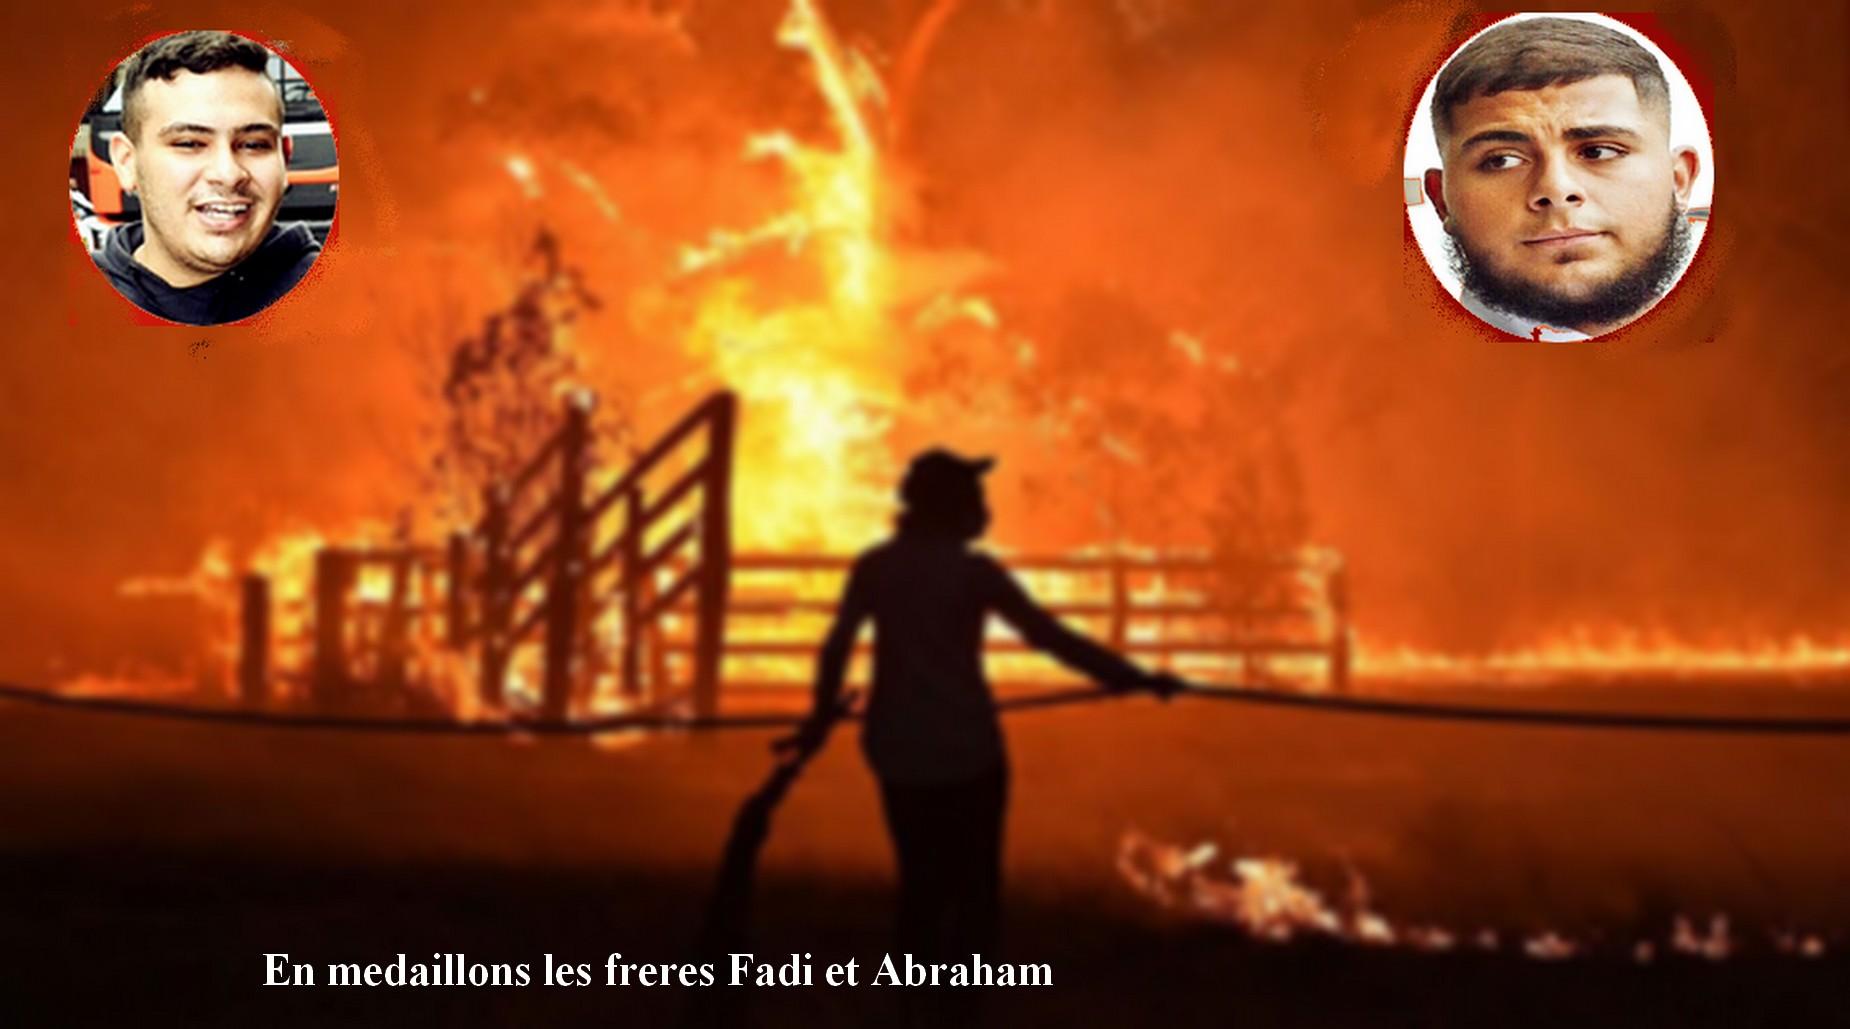 Australie : le réchauffement climatique incriminé est musulman et s'appelle Fadi